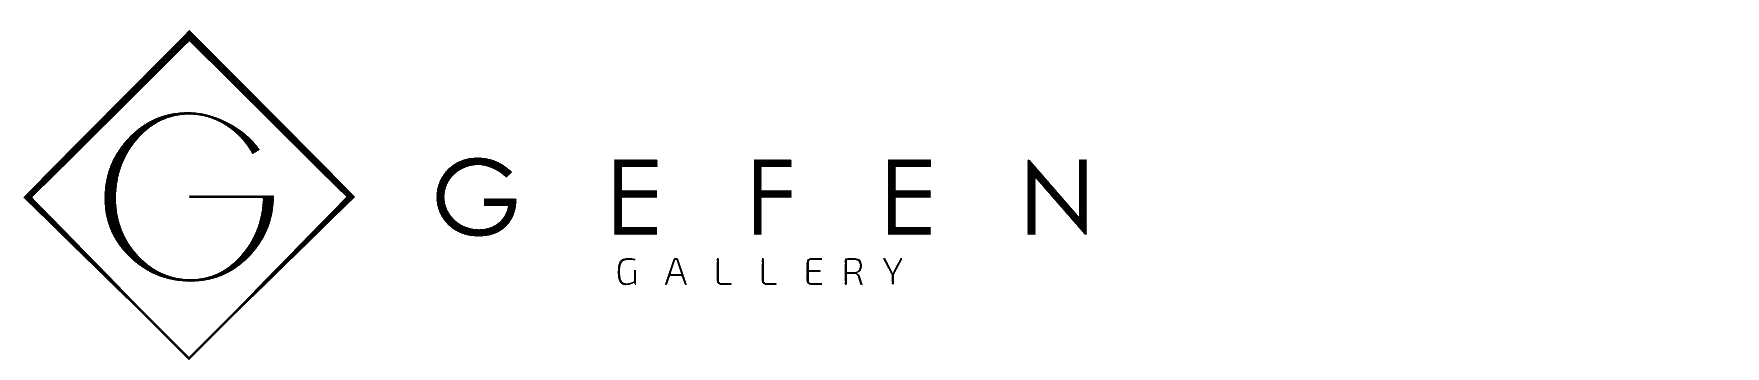 Gefen Gallery company logo